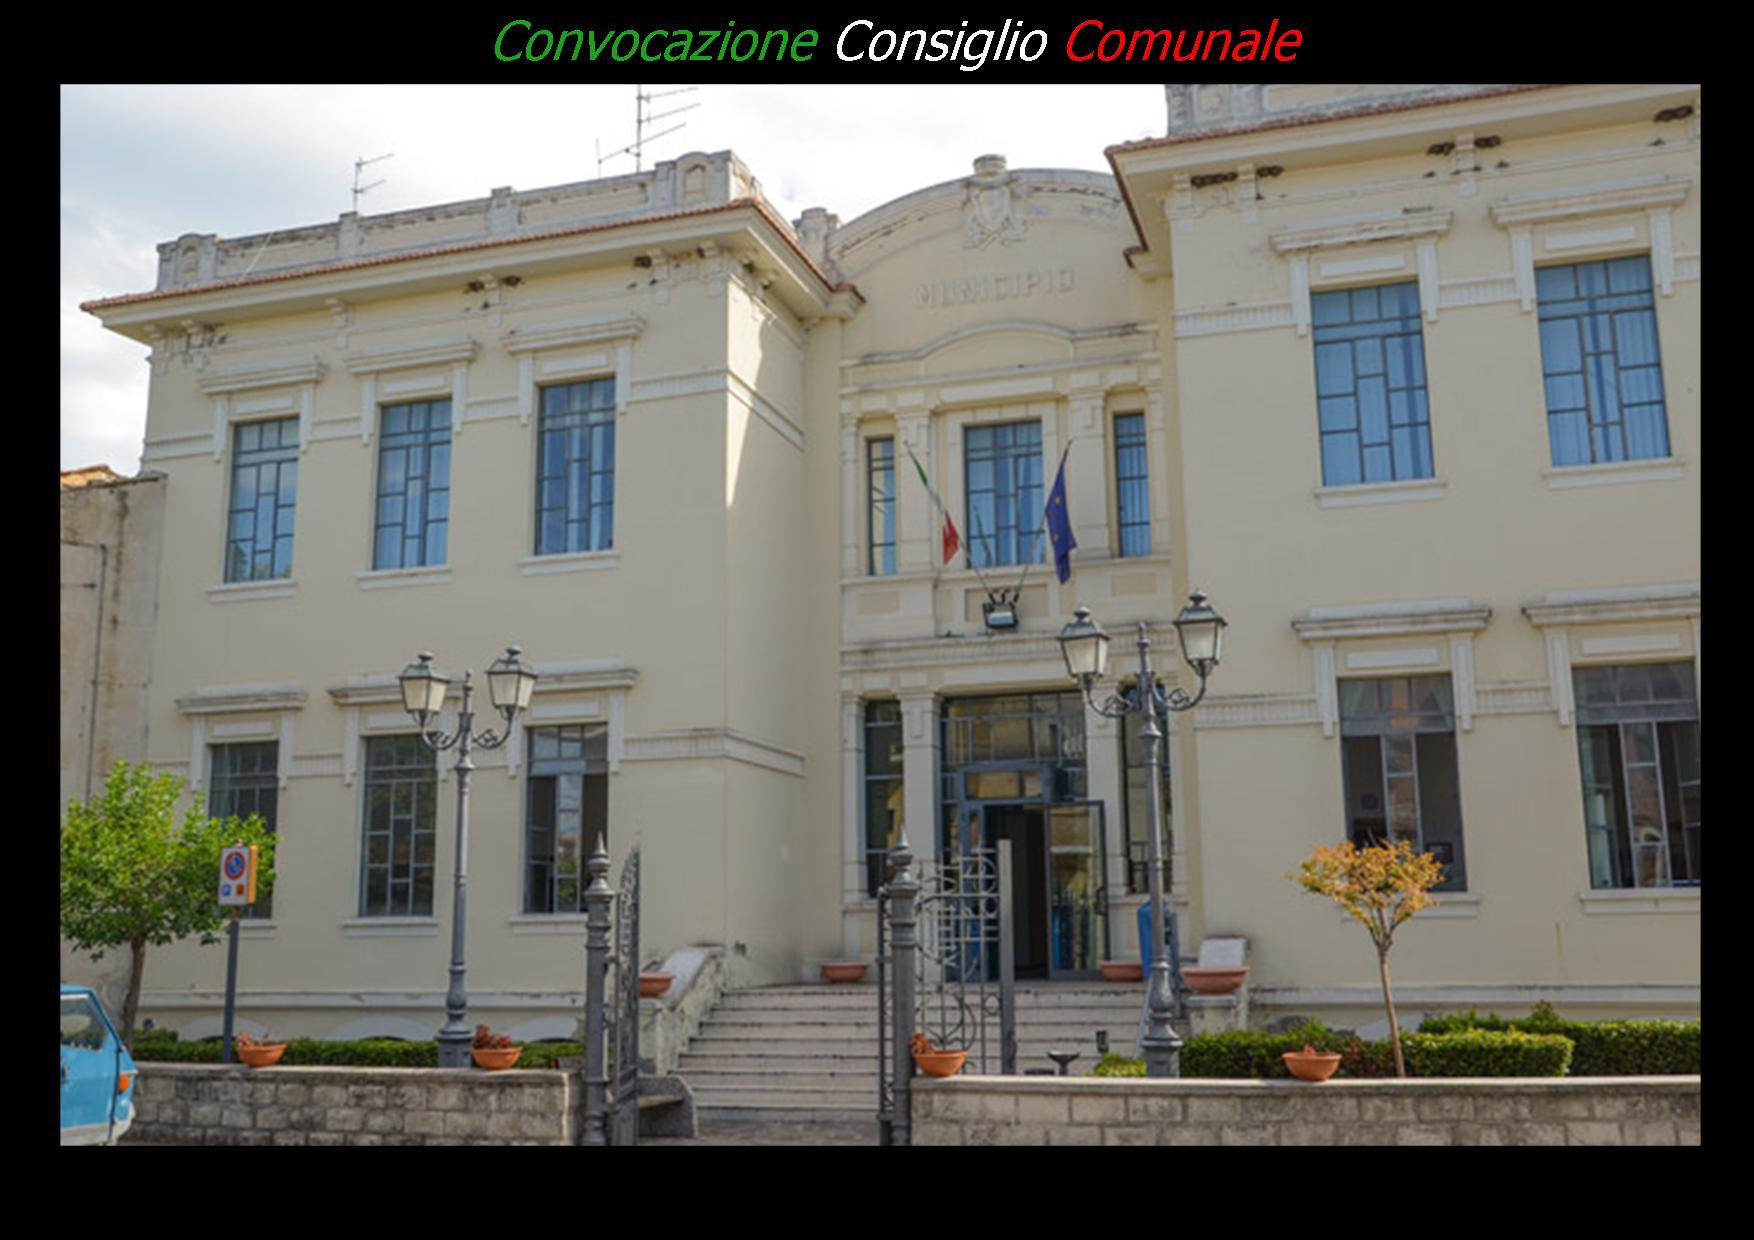 CONVOCAZIONE CONSIGLIO COMUNALE GIOVEDI' 28 DICEMBRE ORE 9.30